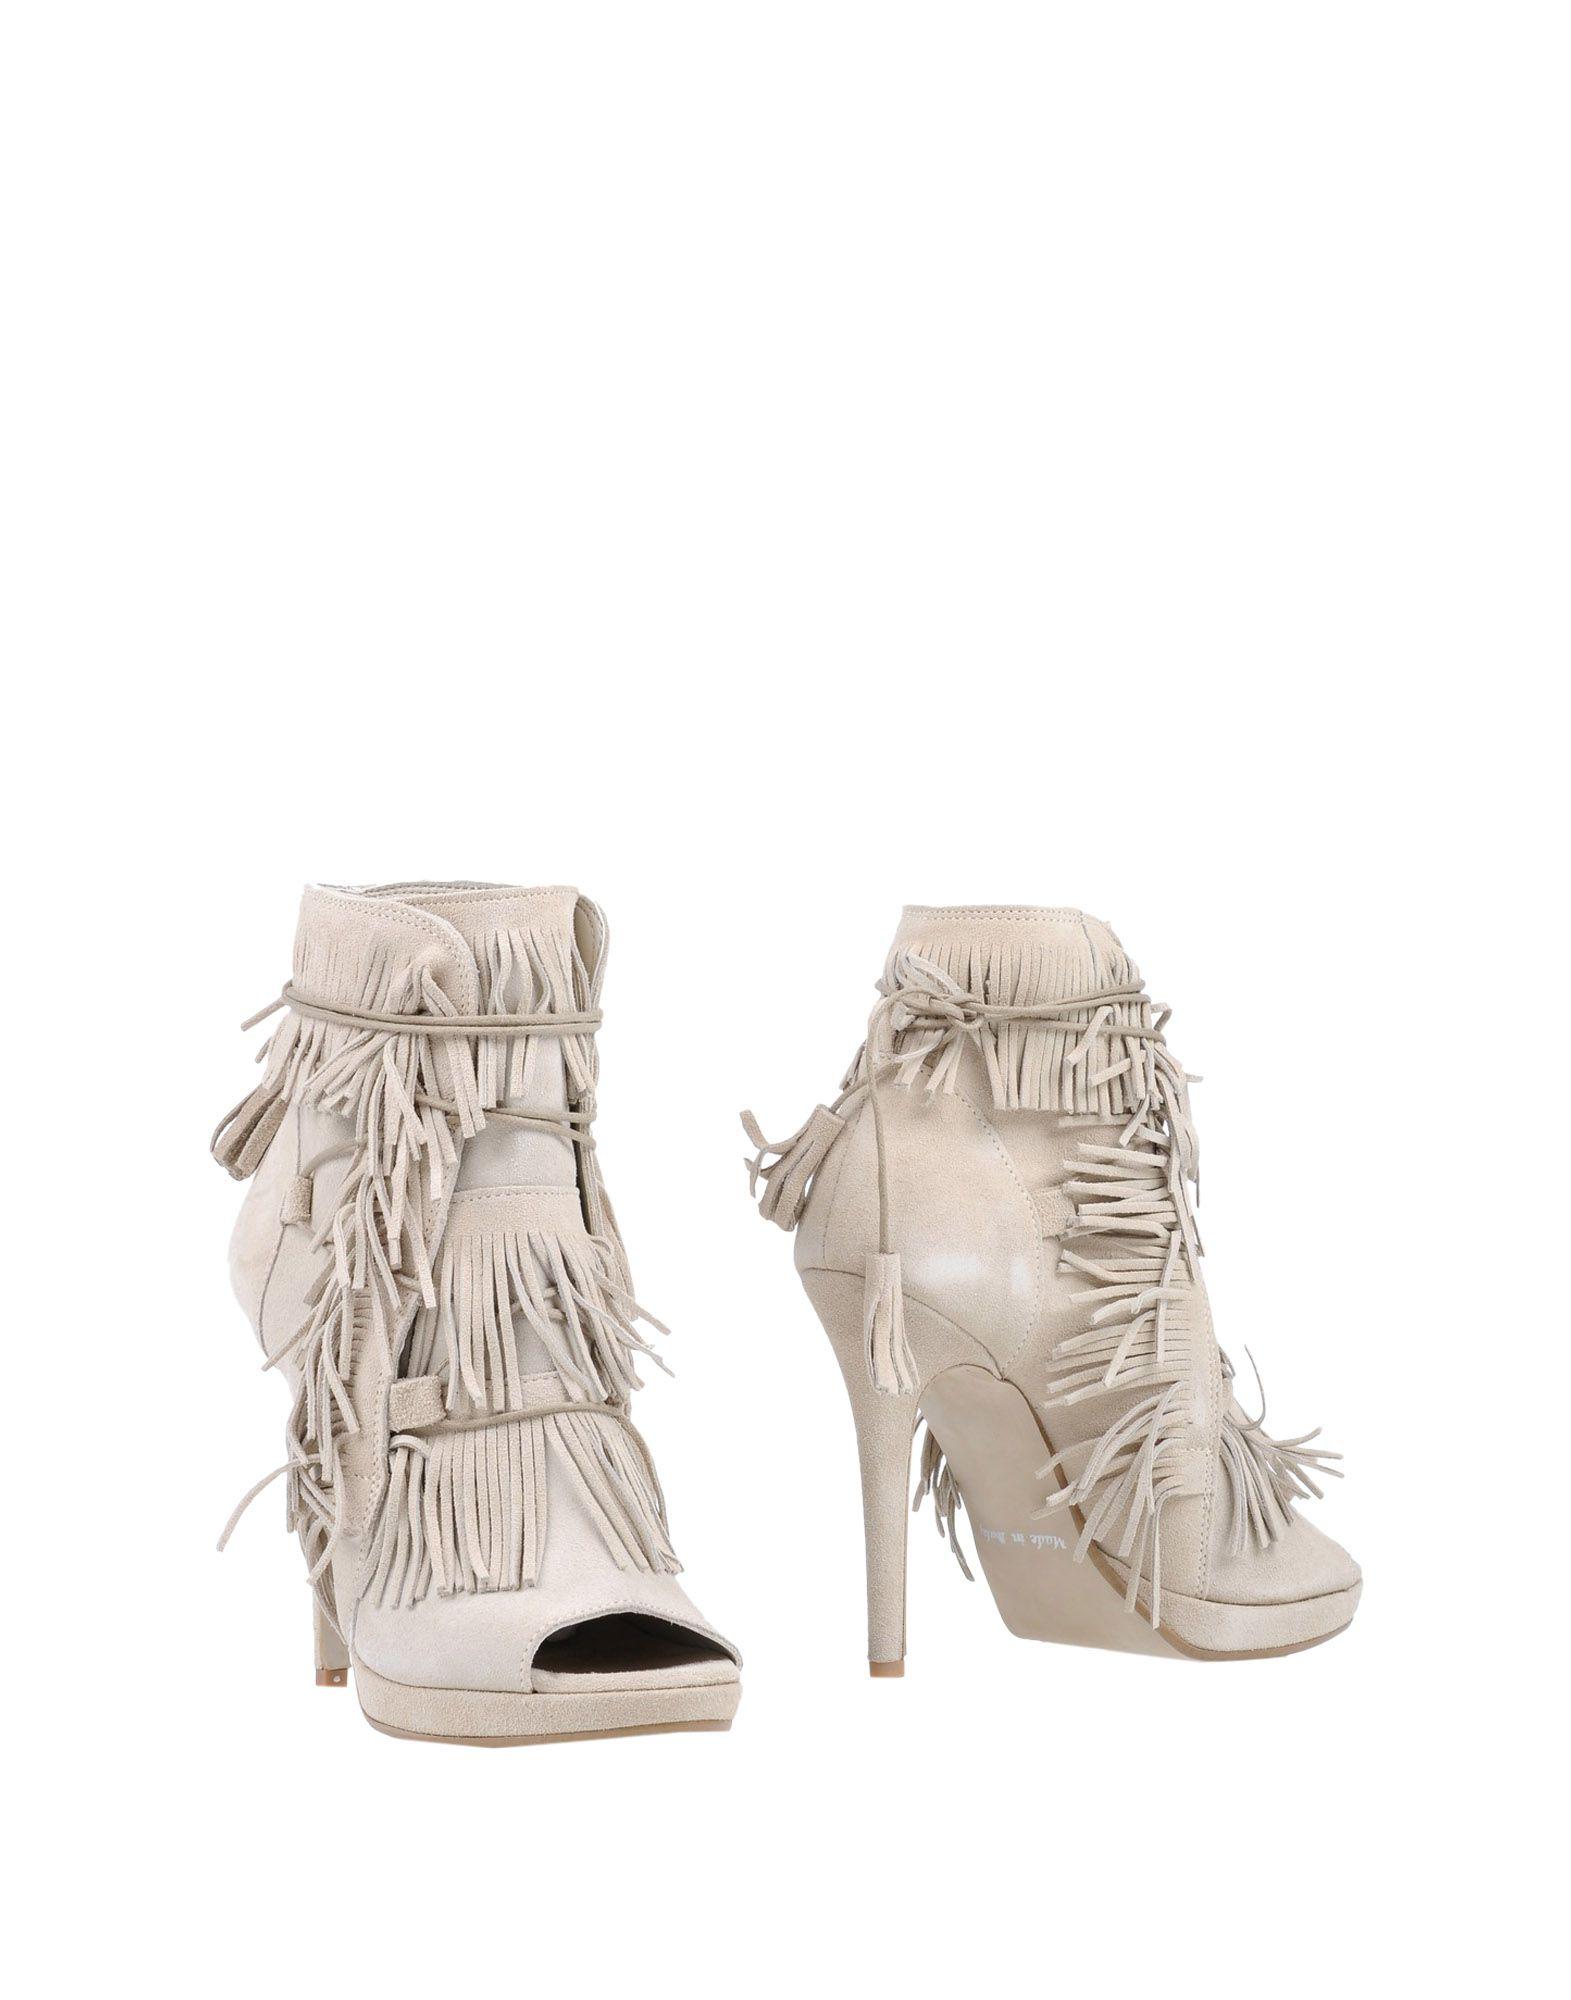 Ovye' By Cristina Lucchi Stiefelette Damen  11374391LS Gute Qualität beliebte Schuhe